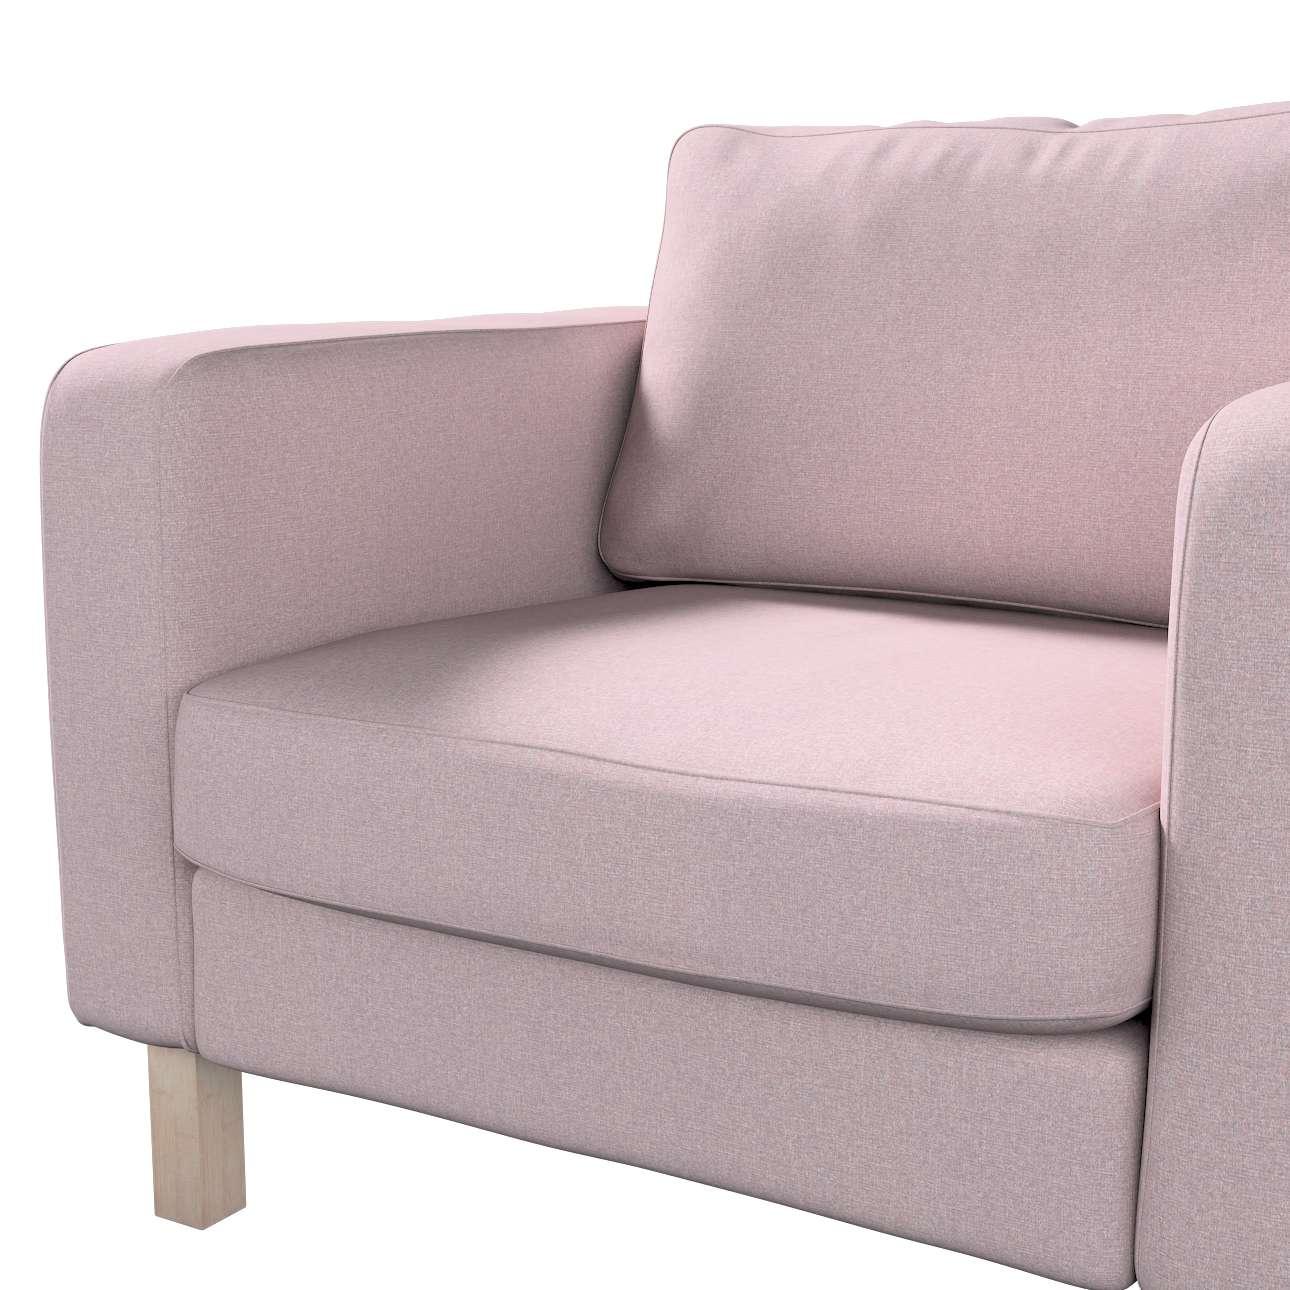 Pokrowiec na fotel Karlstad, krótki w kolekcji Amsterdam, tkanina: 704-51